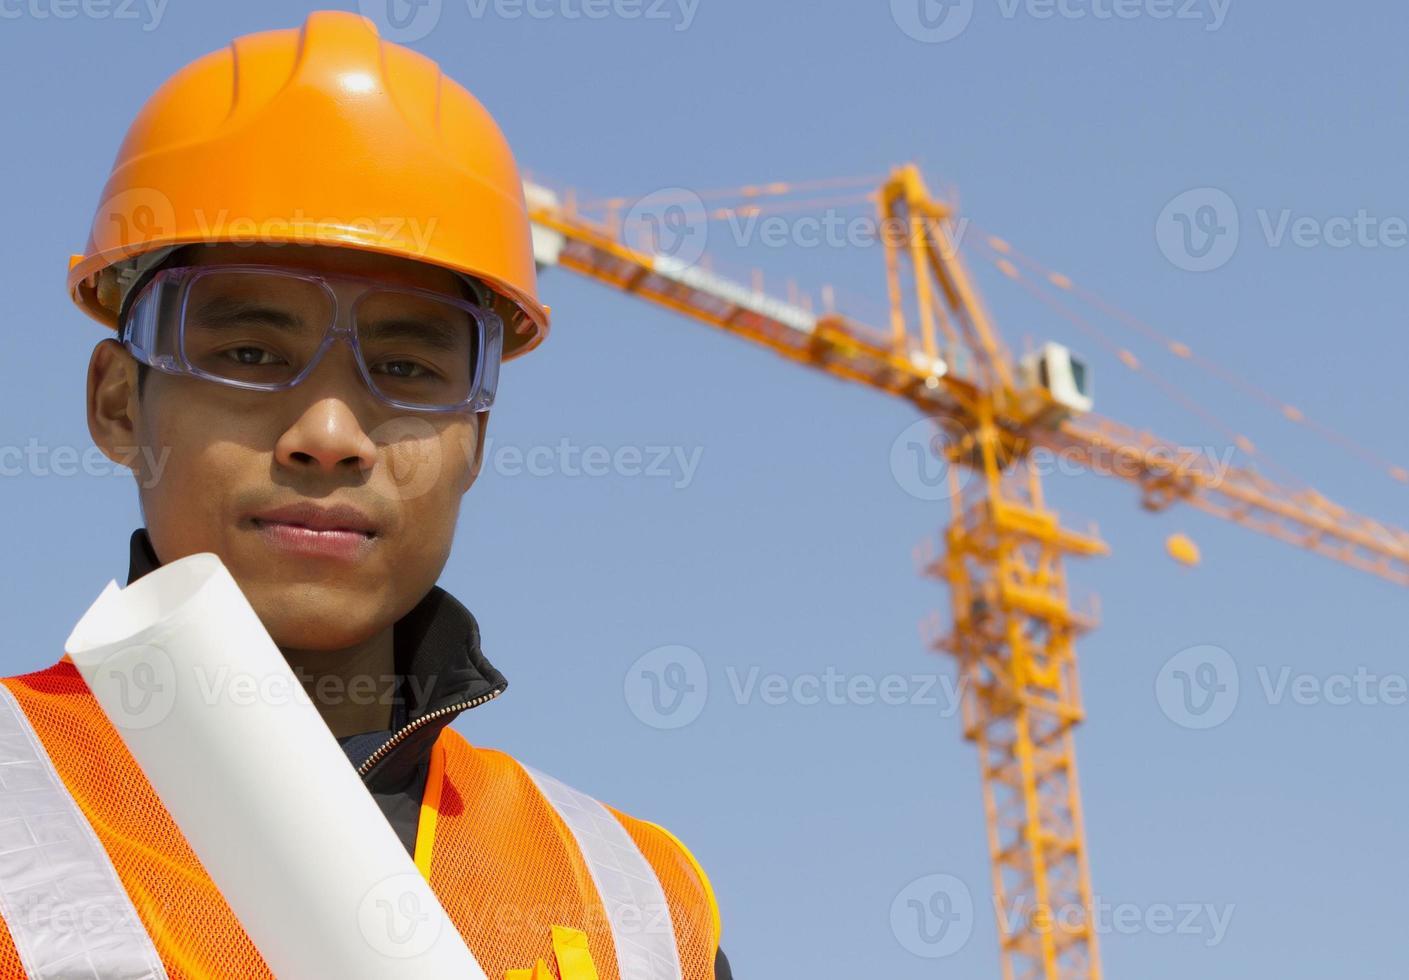 Cerrar el administrador del sitio con chaleco de seguridad en construcción foto